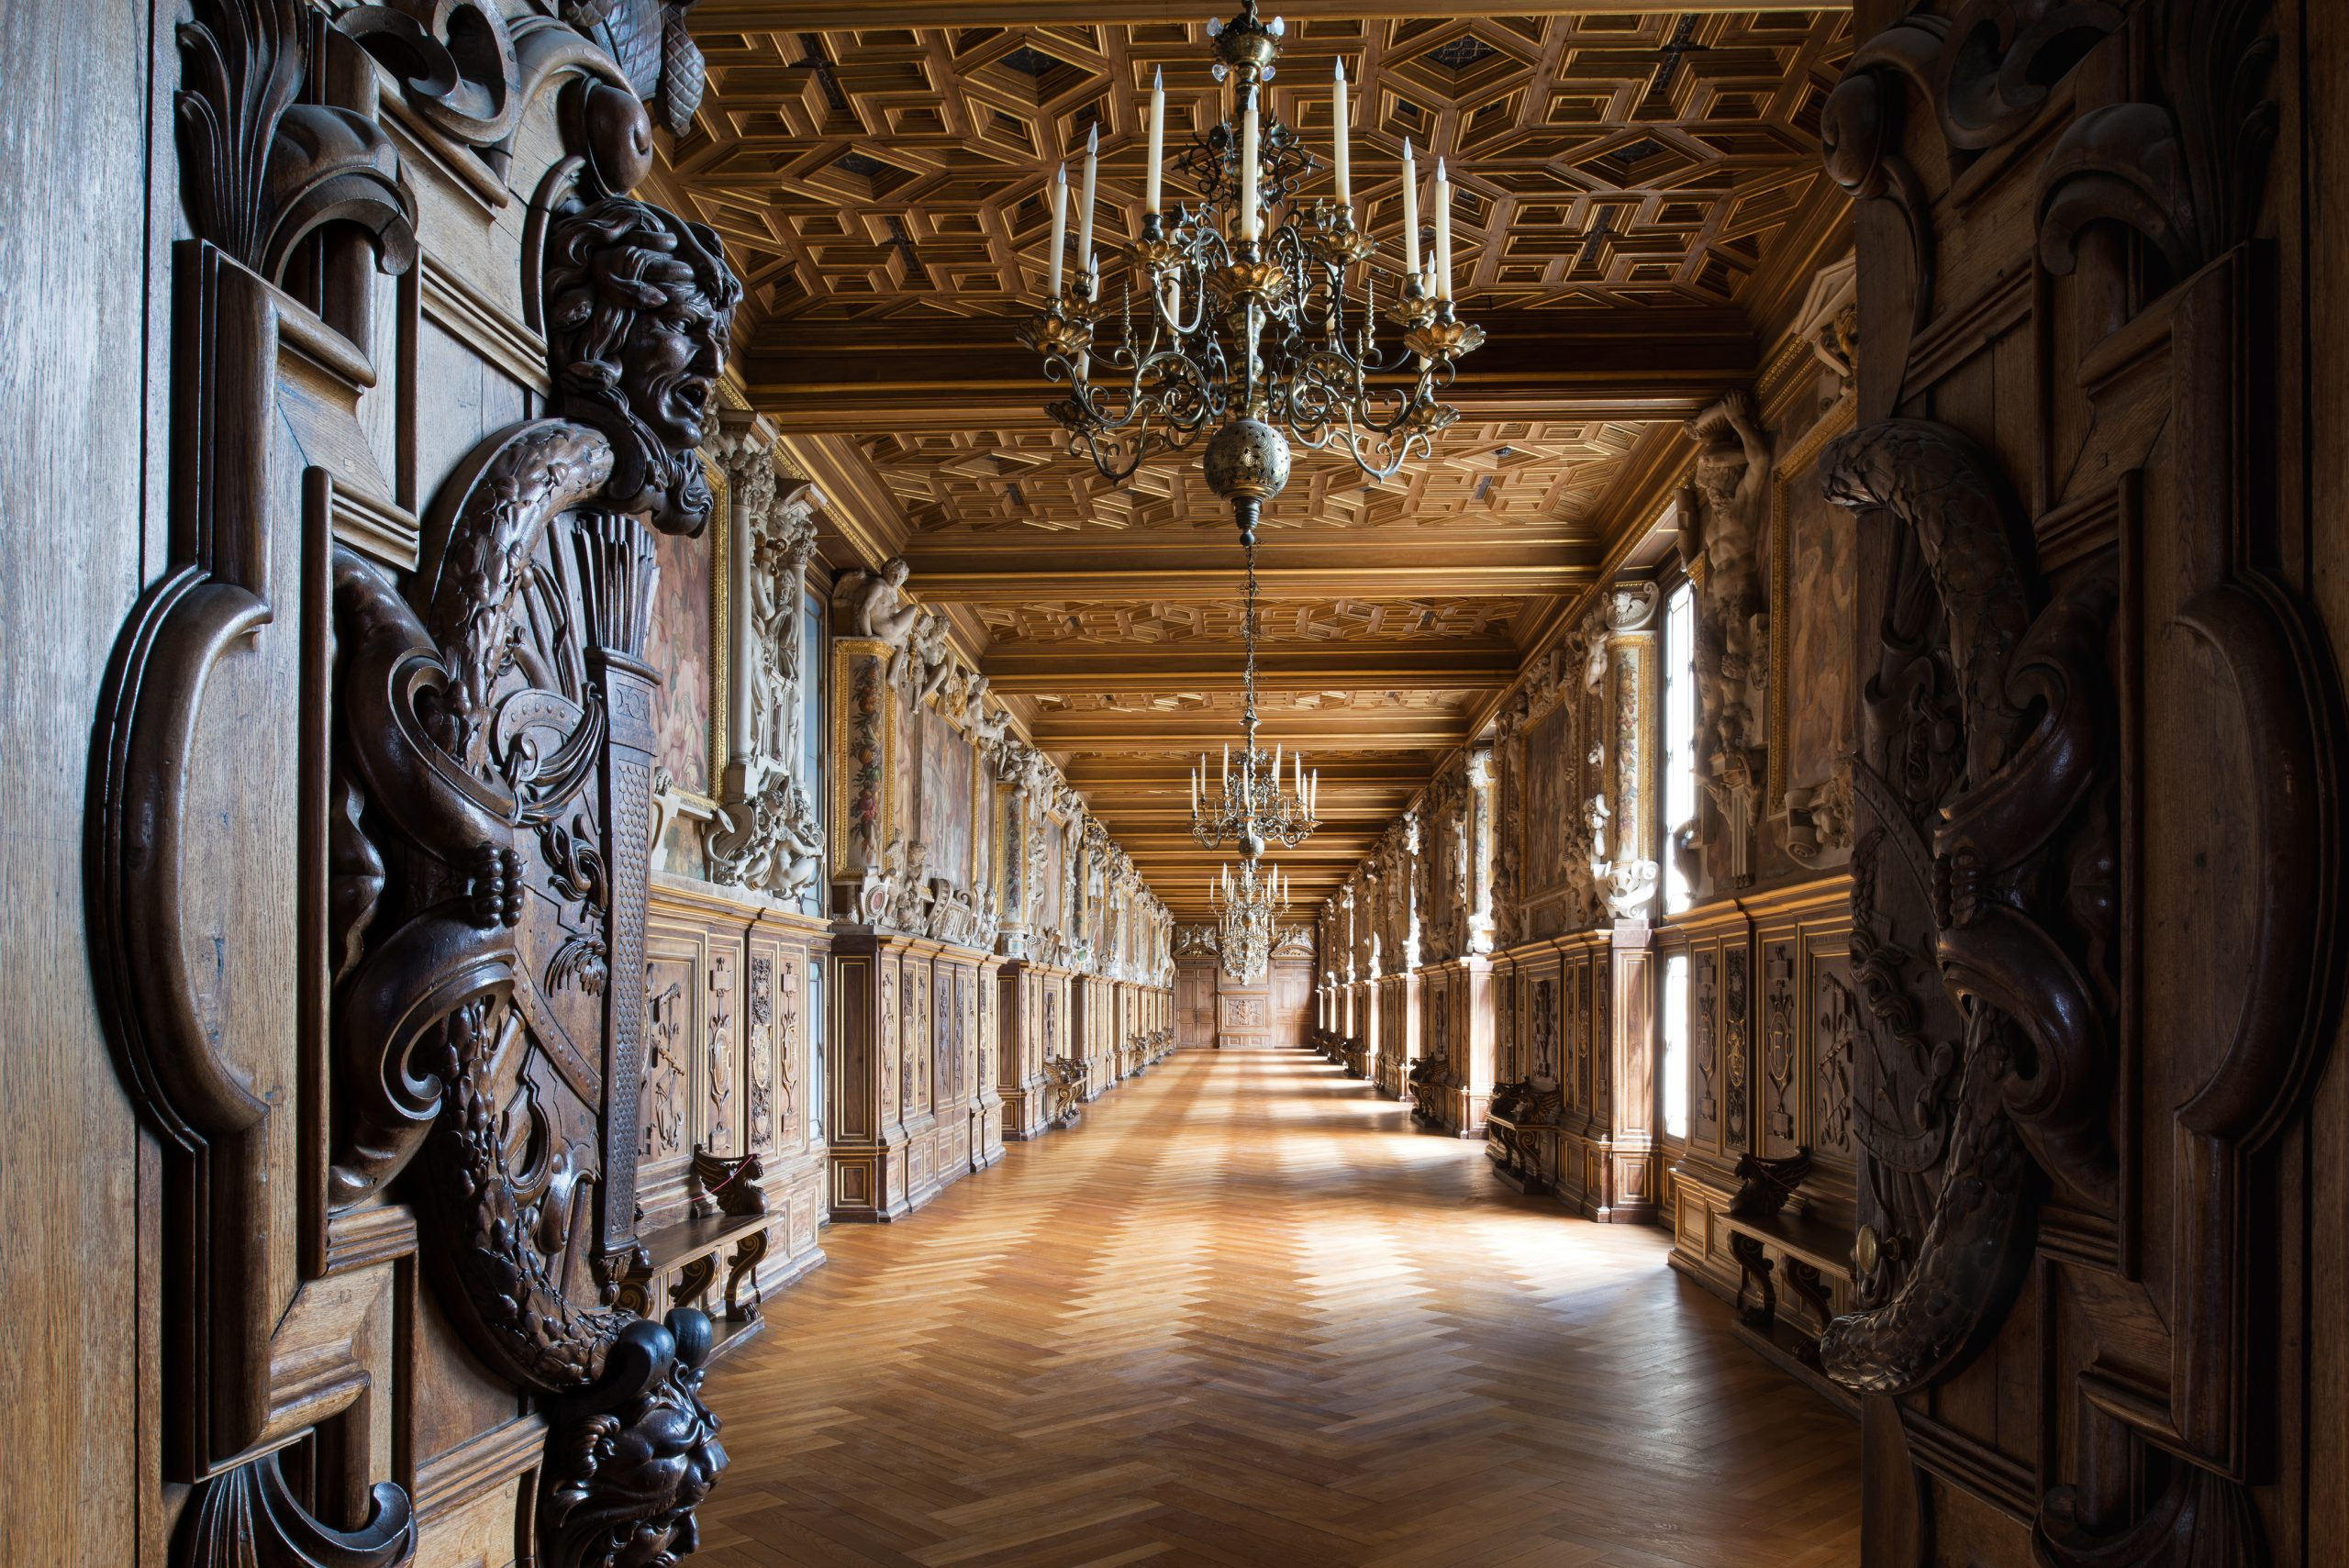 王の回廊 フォンテーヌブロー宮殿